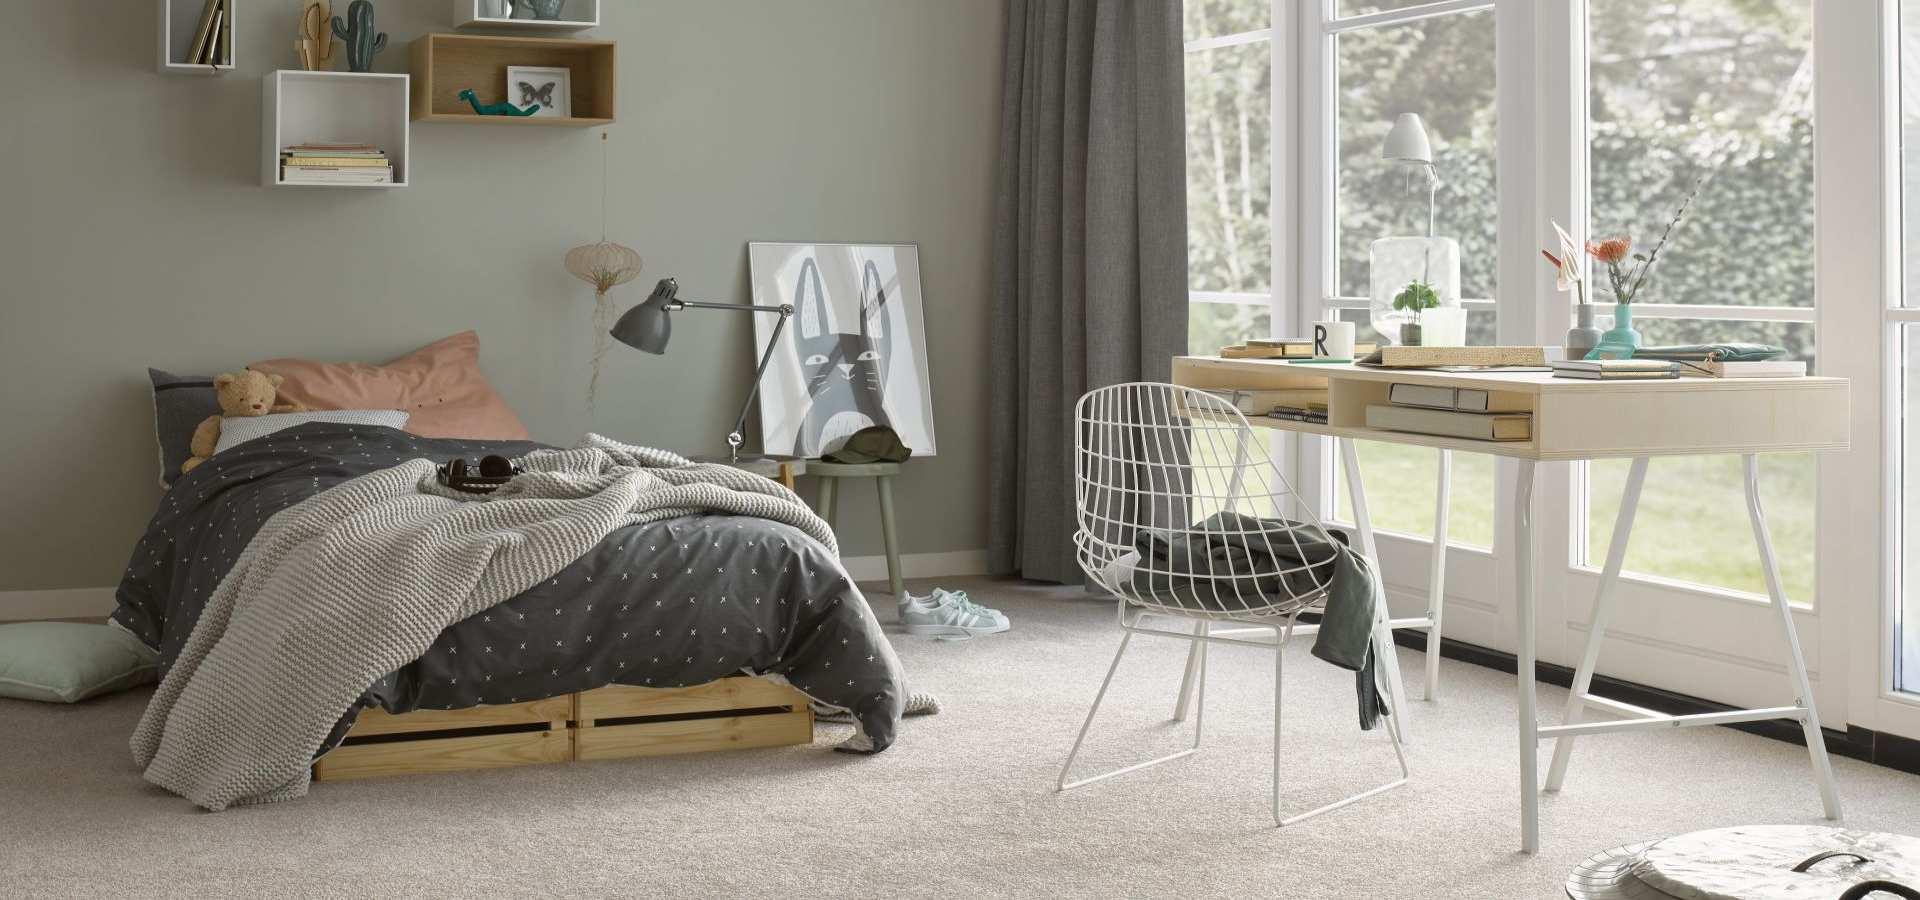 Bild Schlafzimmer Teppichboden Soft beige